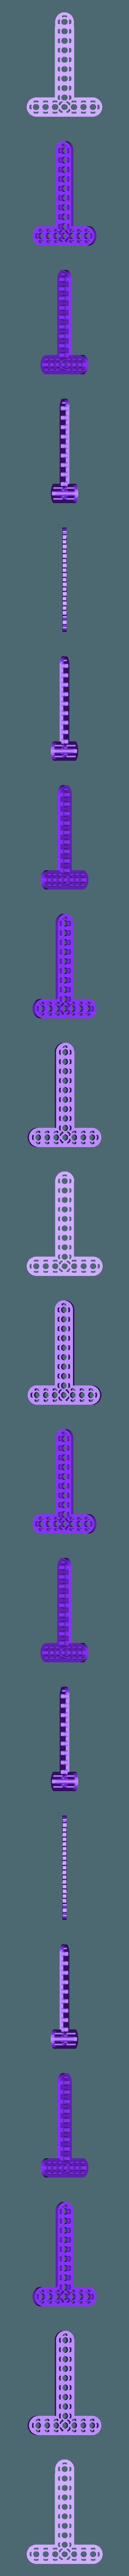 T_7_10.STL Télécharger fichier STL gratuit MEGA Expansion 200+ Pièces • Plan à imprimer en 3D, Pwentey